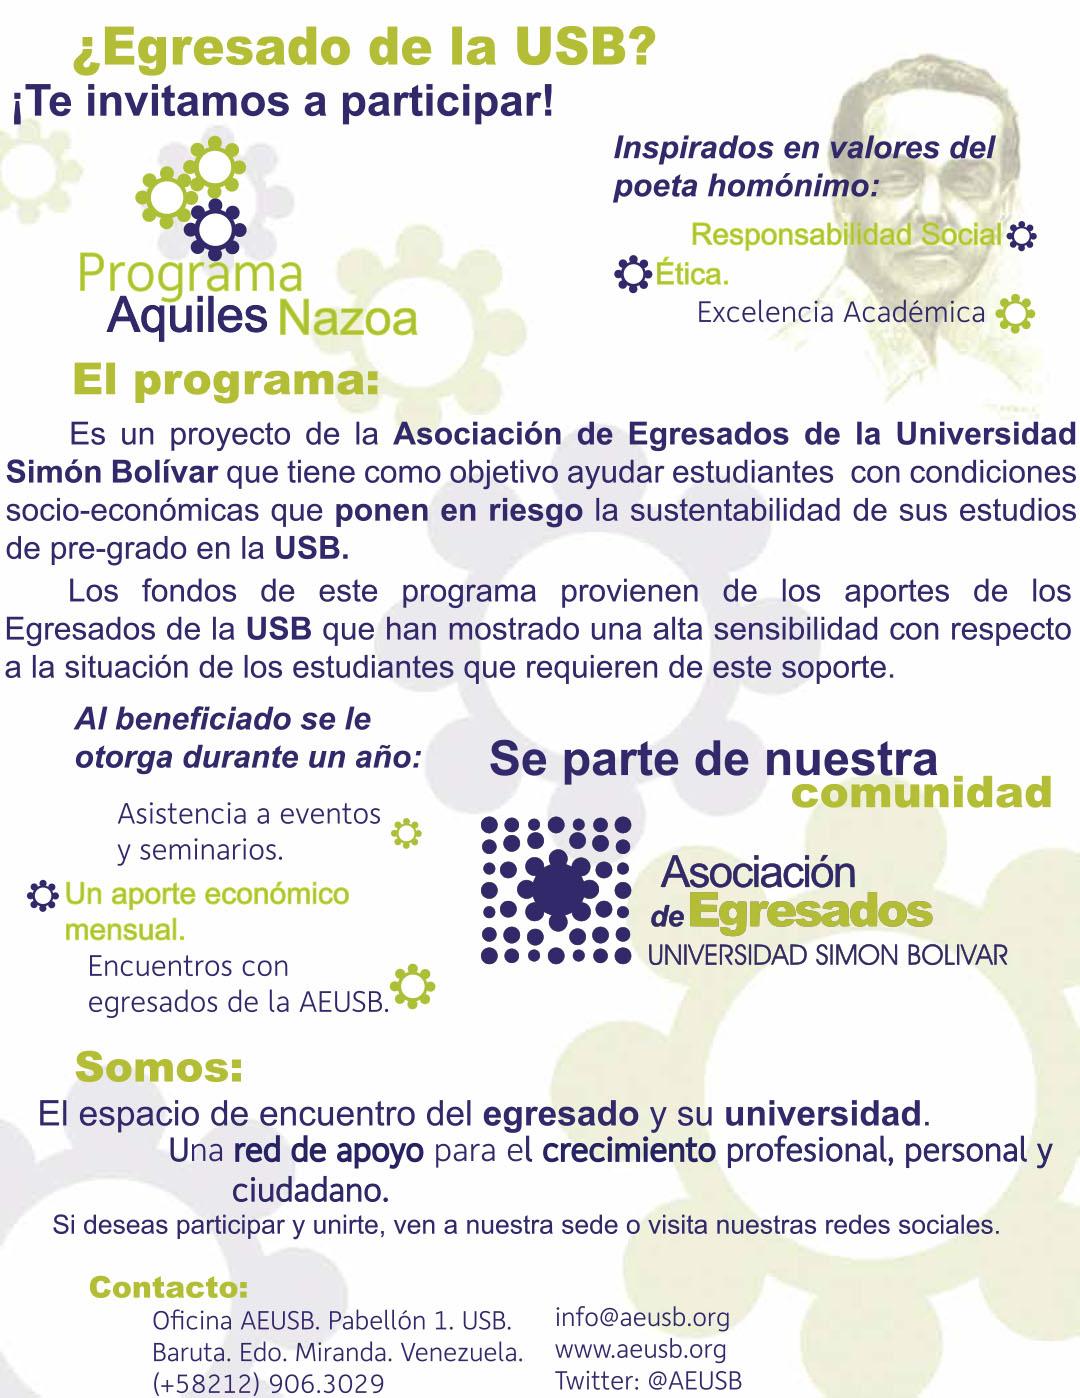 Asociación de Egresados de la Universidad Simón Bolívar